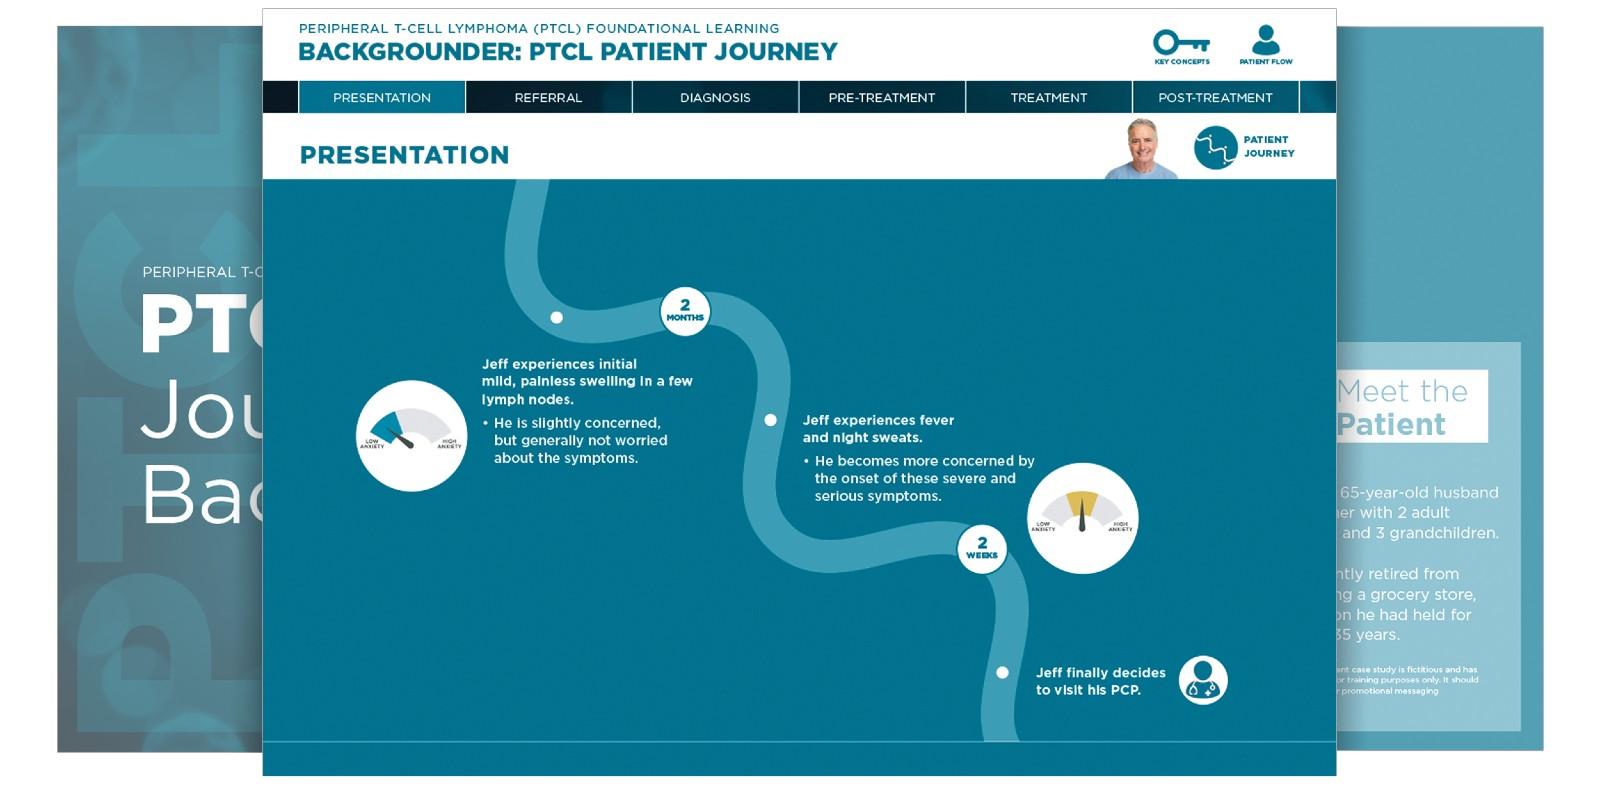 OurWork_Content_PatientJourney